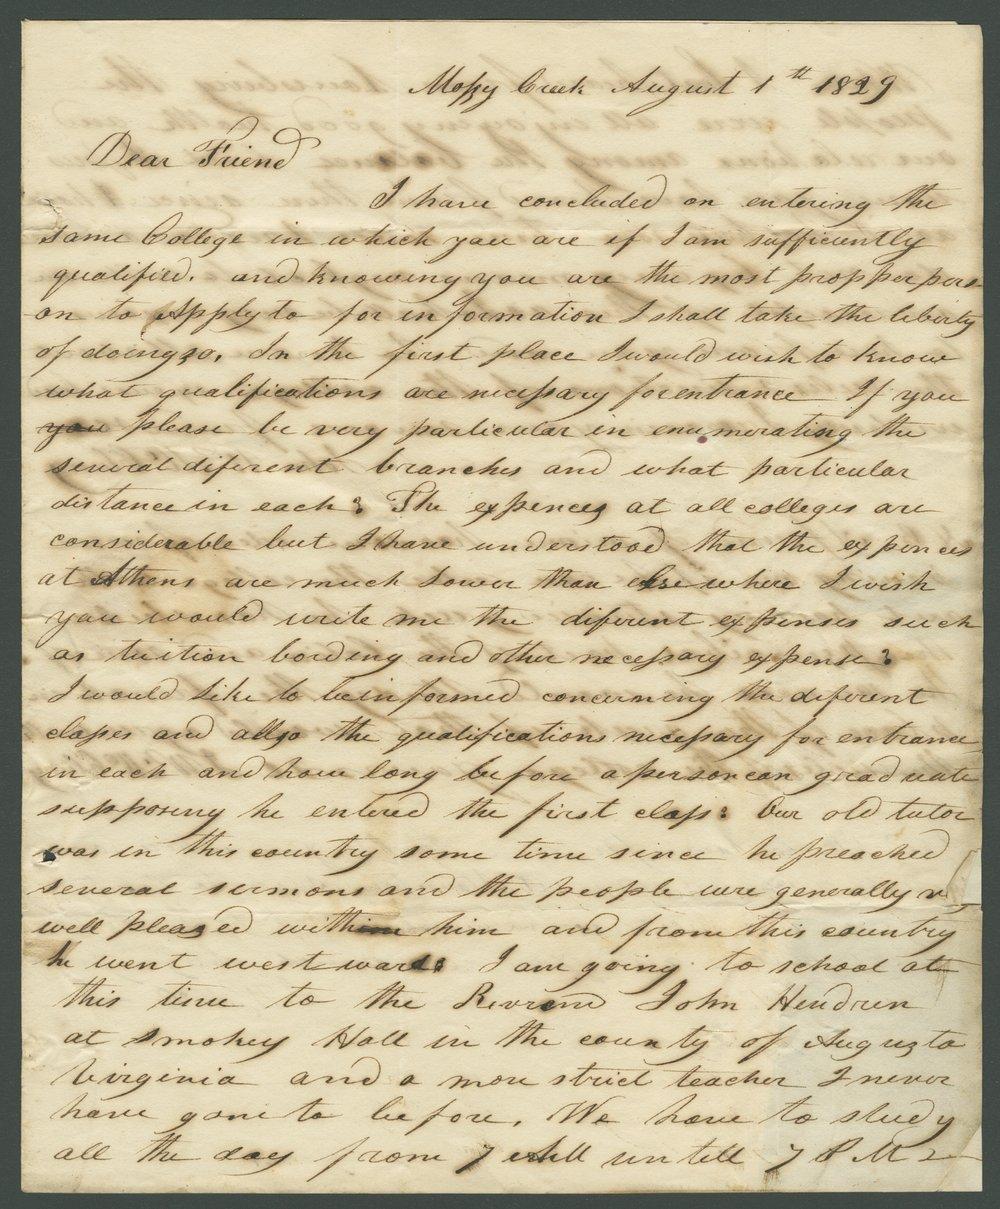 J. W. McClung to Lewis Allen Alderson - 1